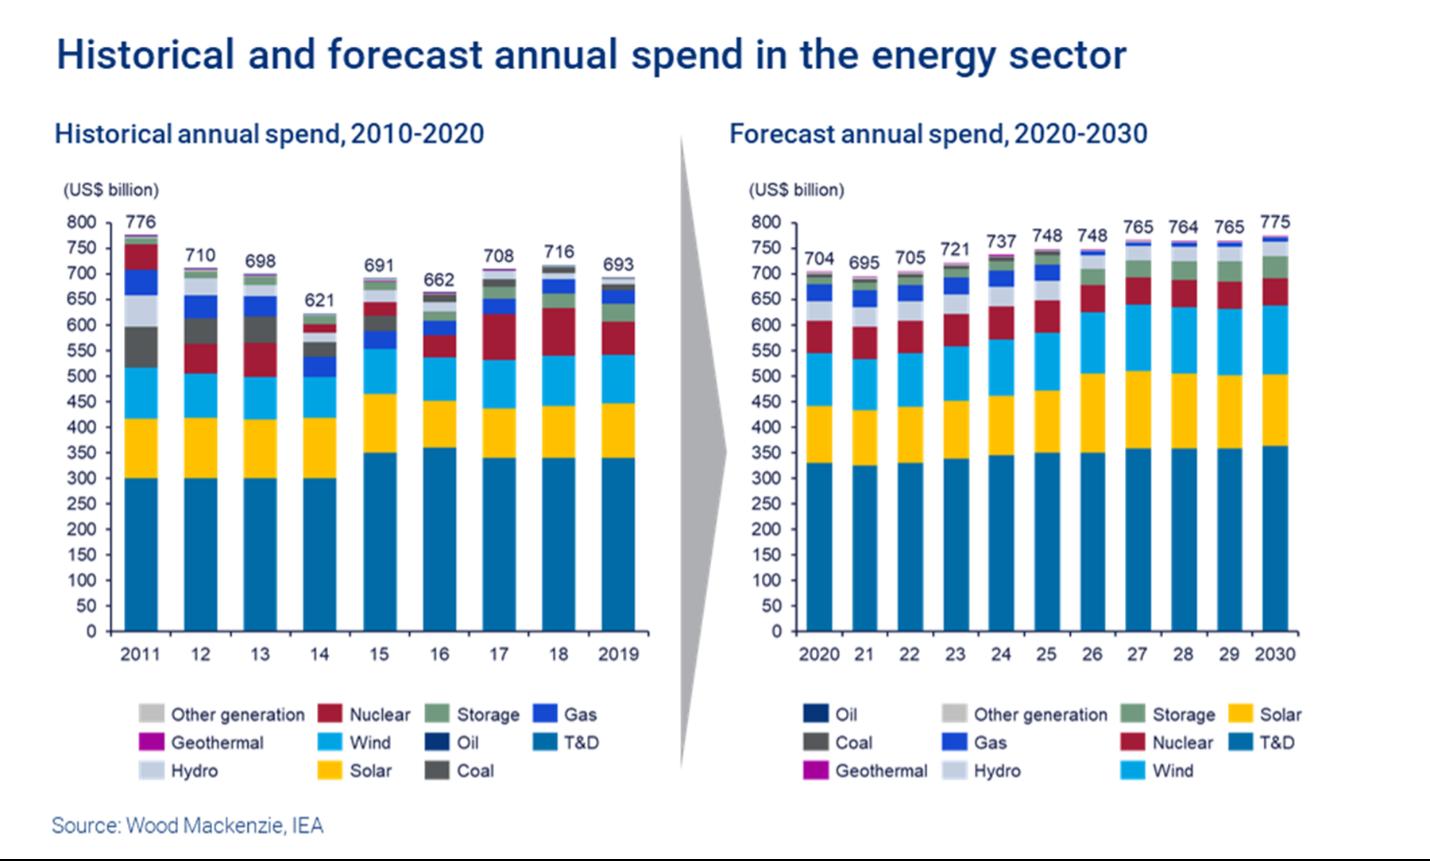 ESG_Energy